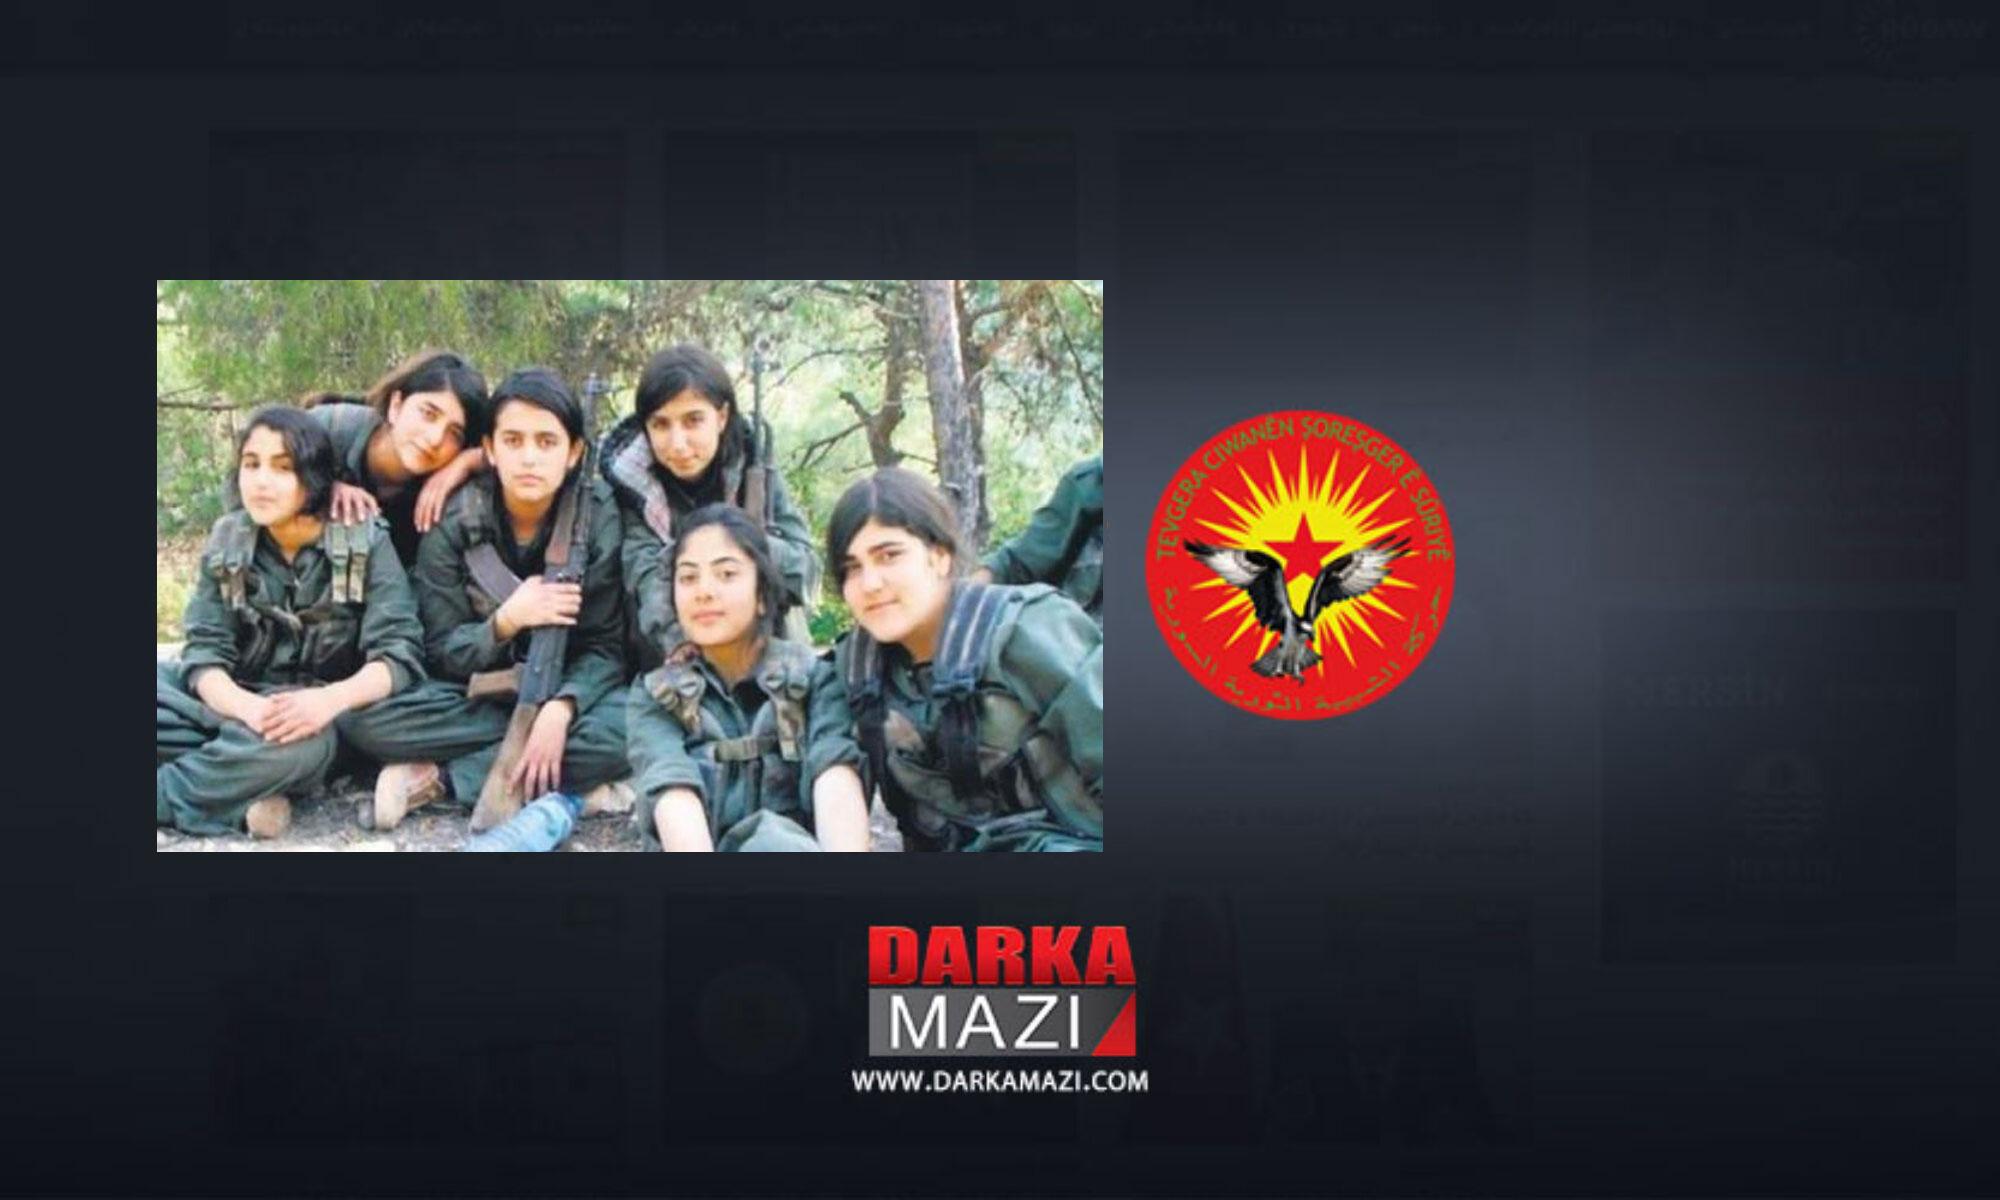 PKK gençlik örgütü Qamişlo'da yine bir çocuğu kaçırdı Ciwanen Şoreşger